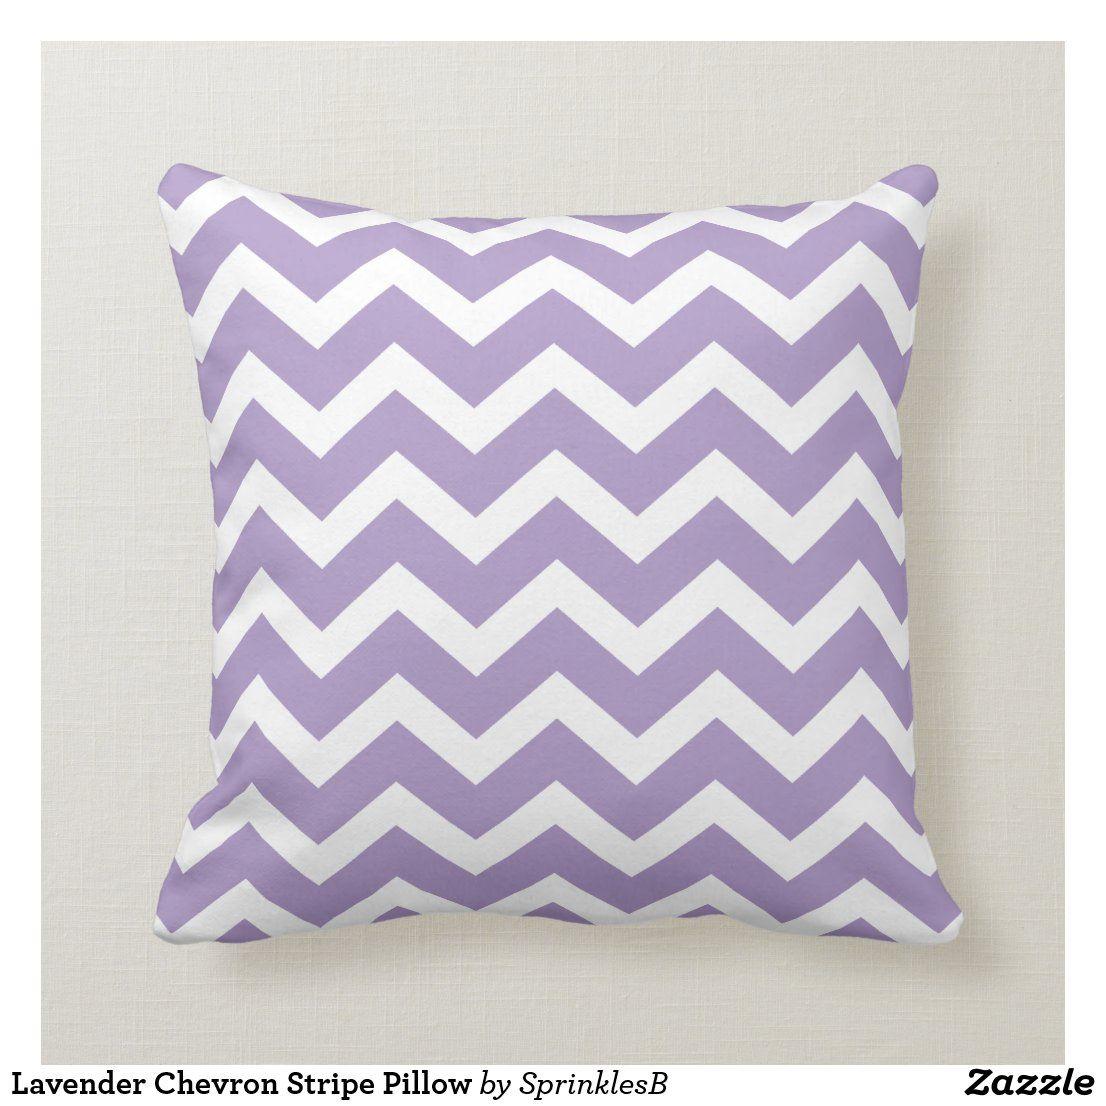 Lavender Chevron Stripe Pillow